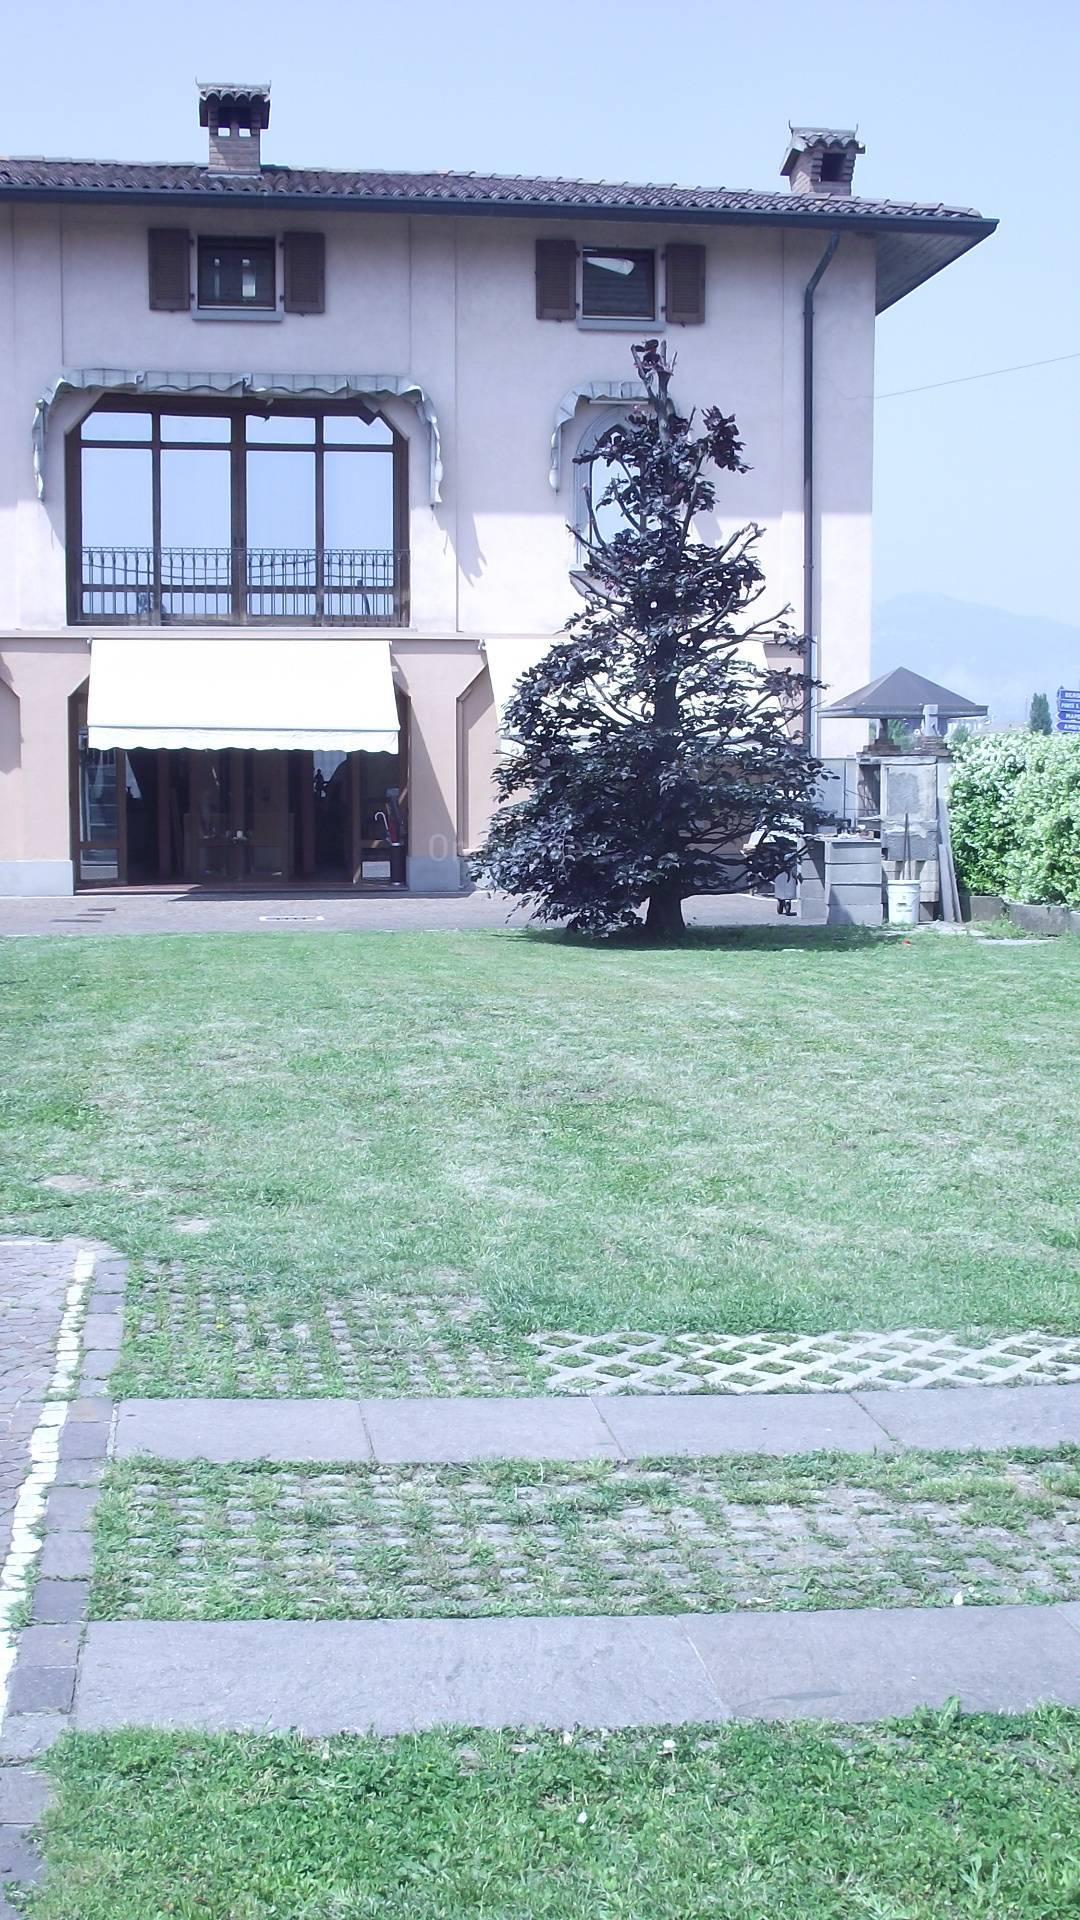 Attico / Mansarda in vendita a Bonate Sopra, 6 locali, prezzo € 190.000   PortaleAgenzieImmobiliari.it